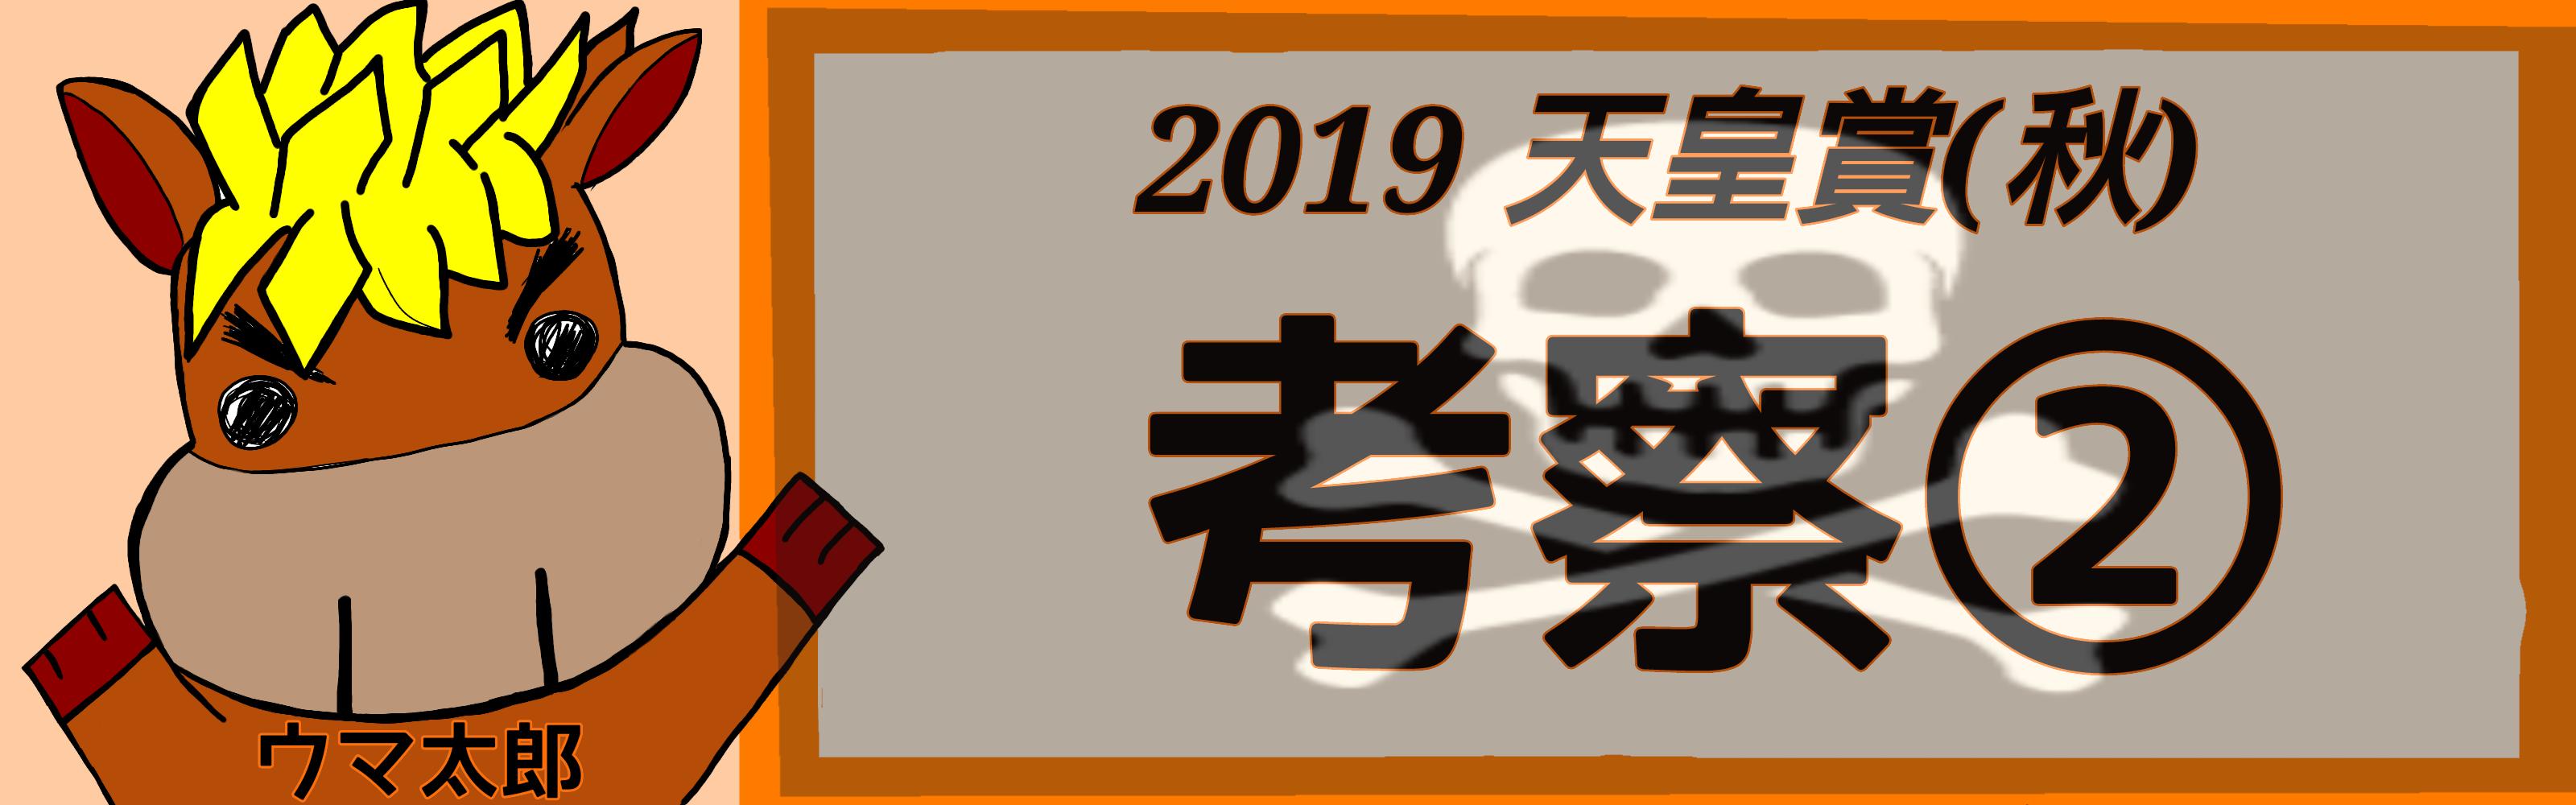 天皇賞(秋)考察2